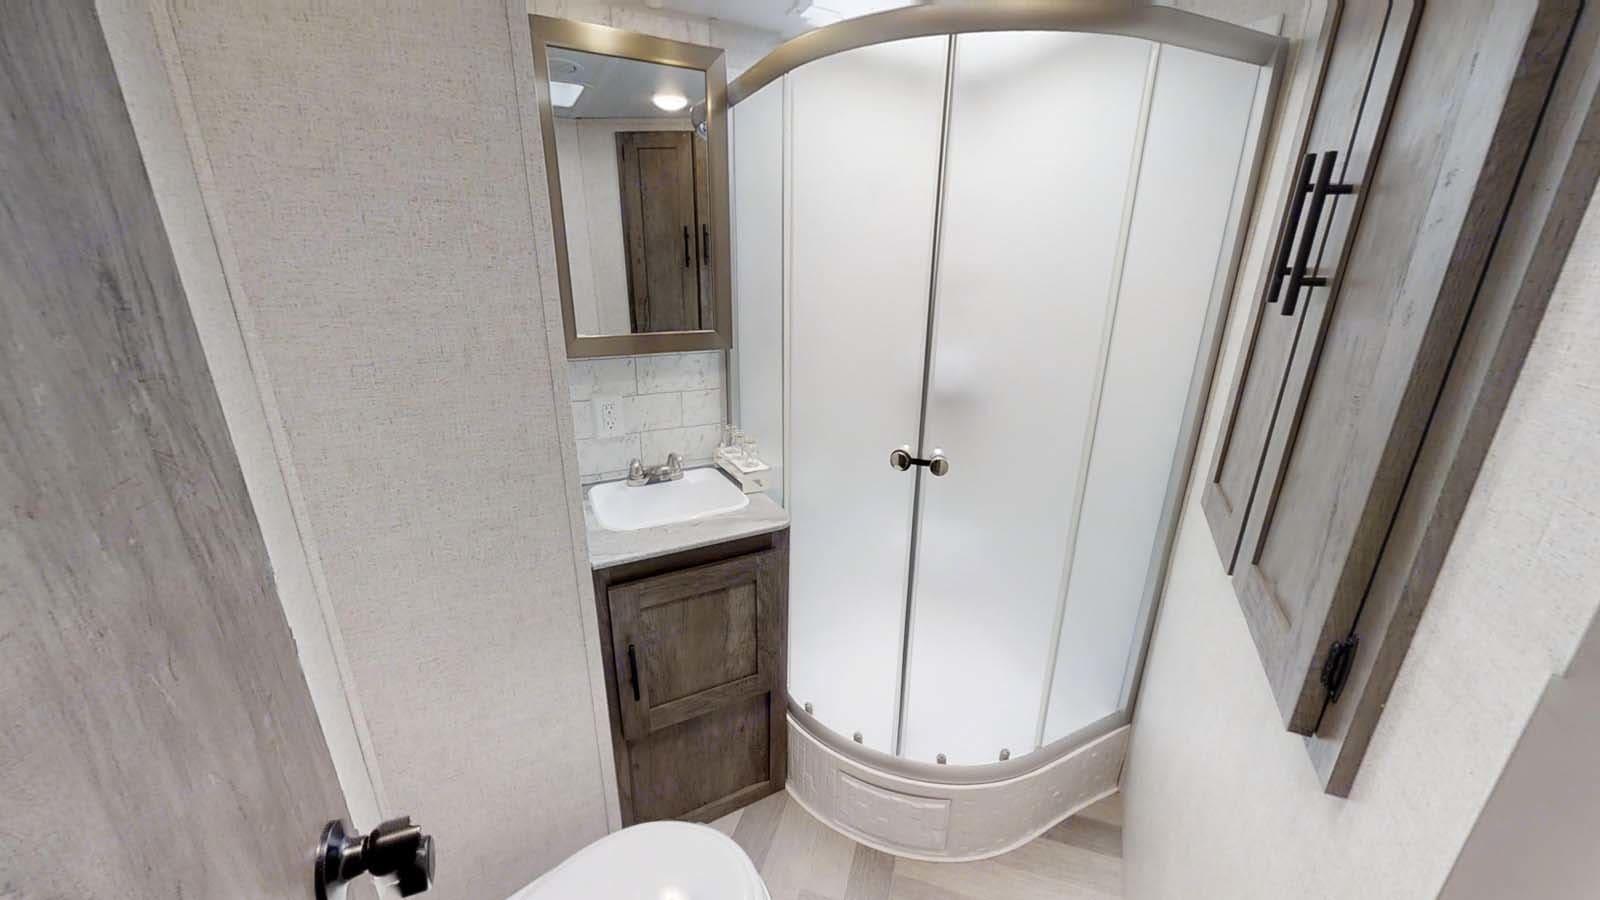 Bathroom. Forest River Salem 2020